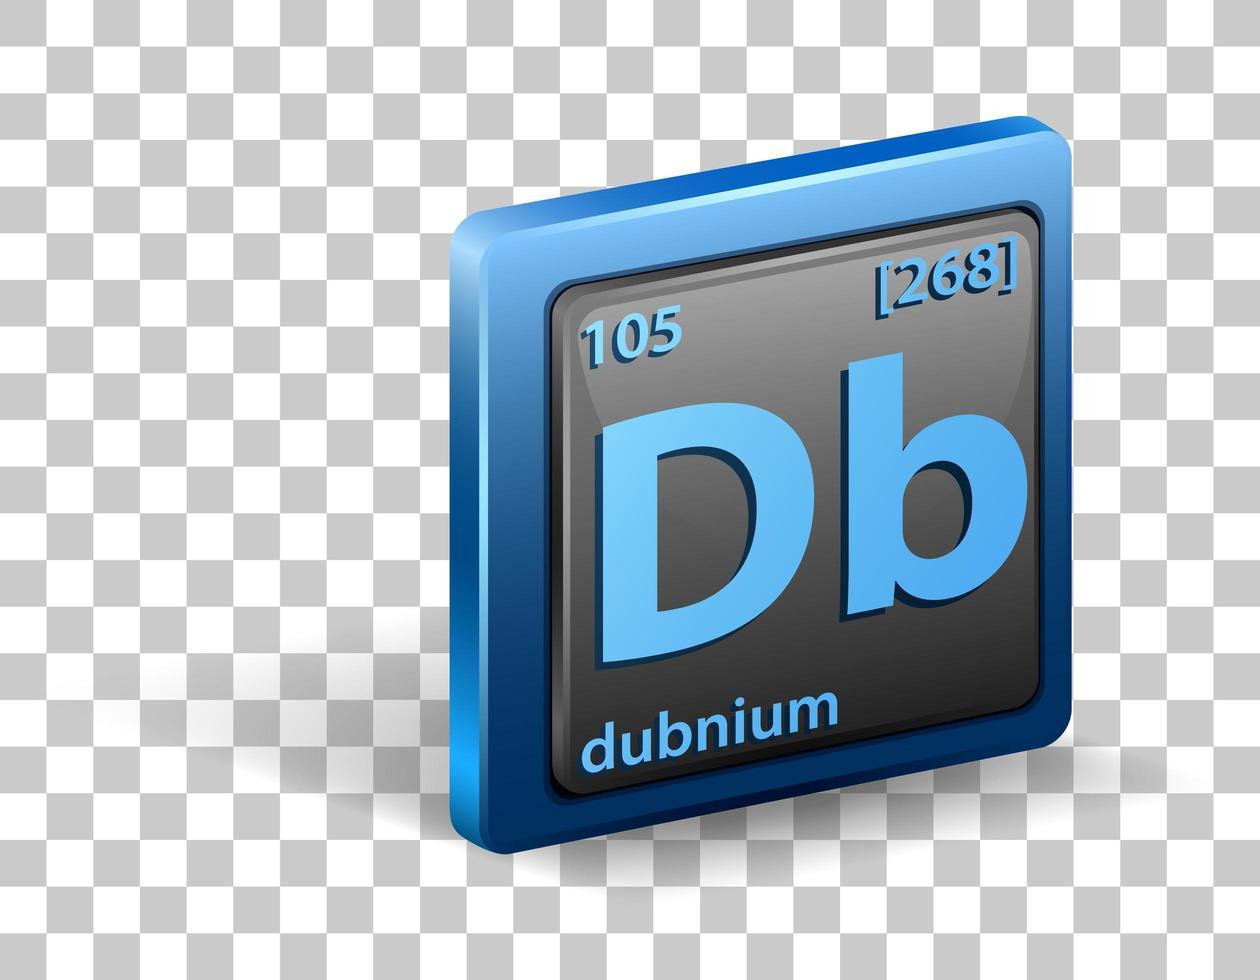 chemisches Element aus Dubnium. chemisches Symbol mit Ordnungszahl und Atommasse. vektor